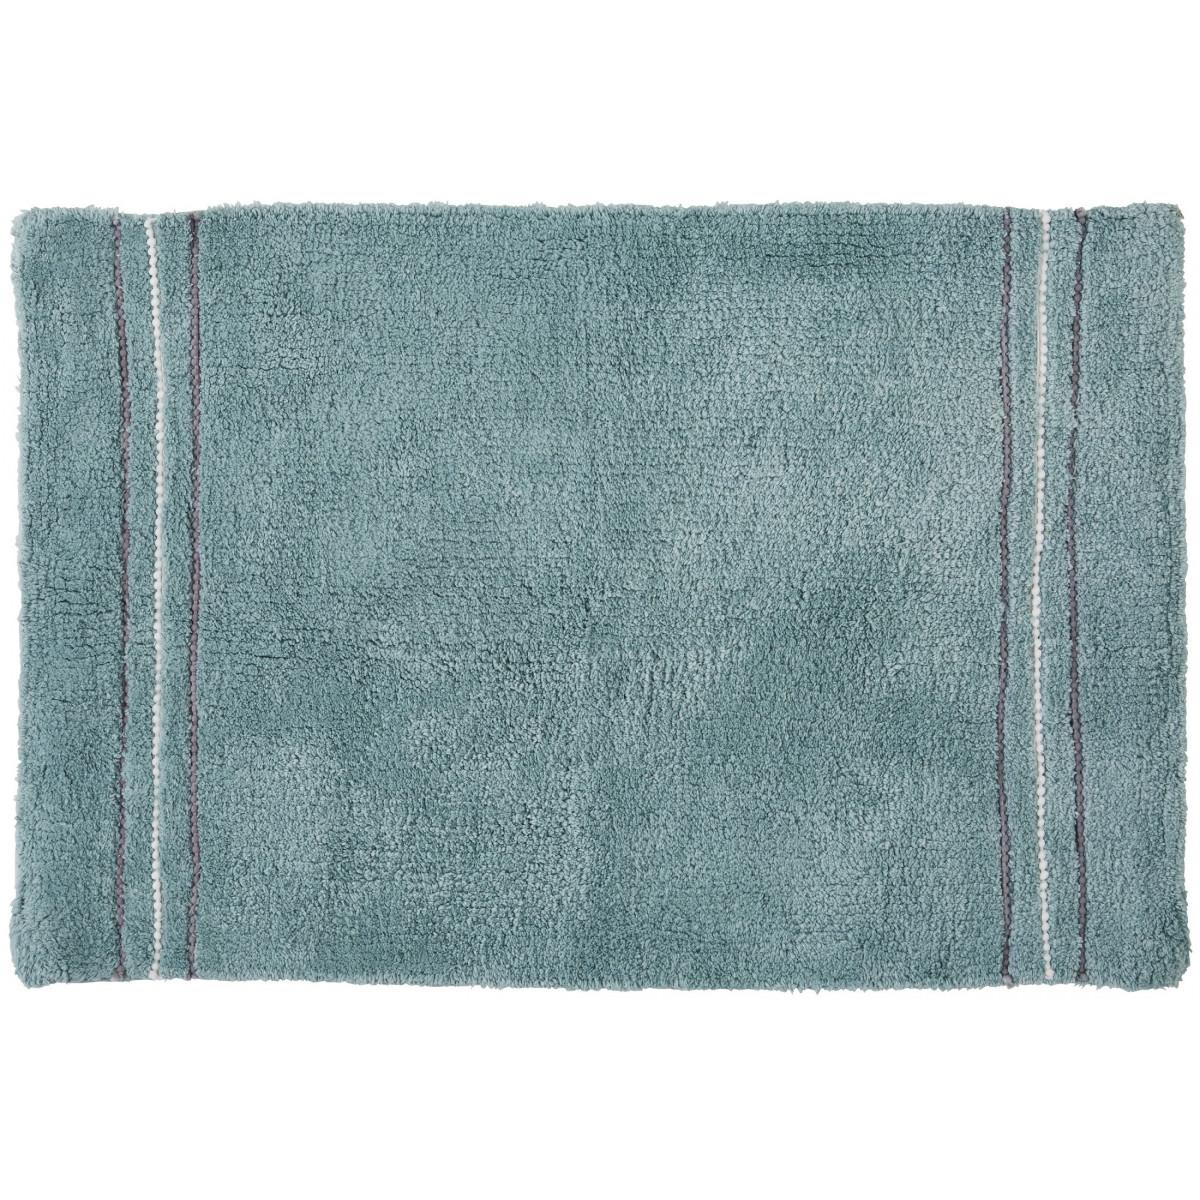 Tapis de bain fantaisie 50x80cm coton Linea Aqua